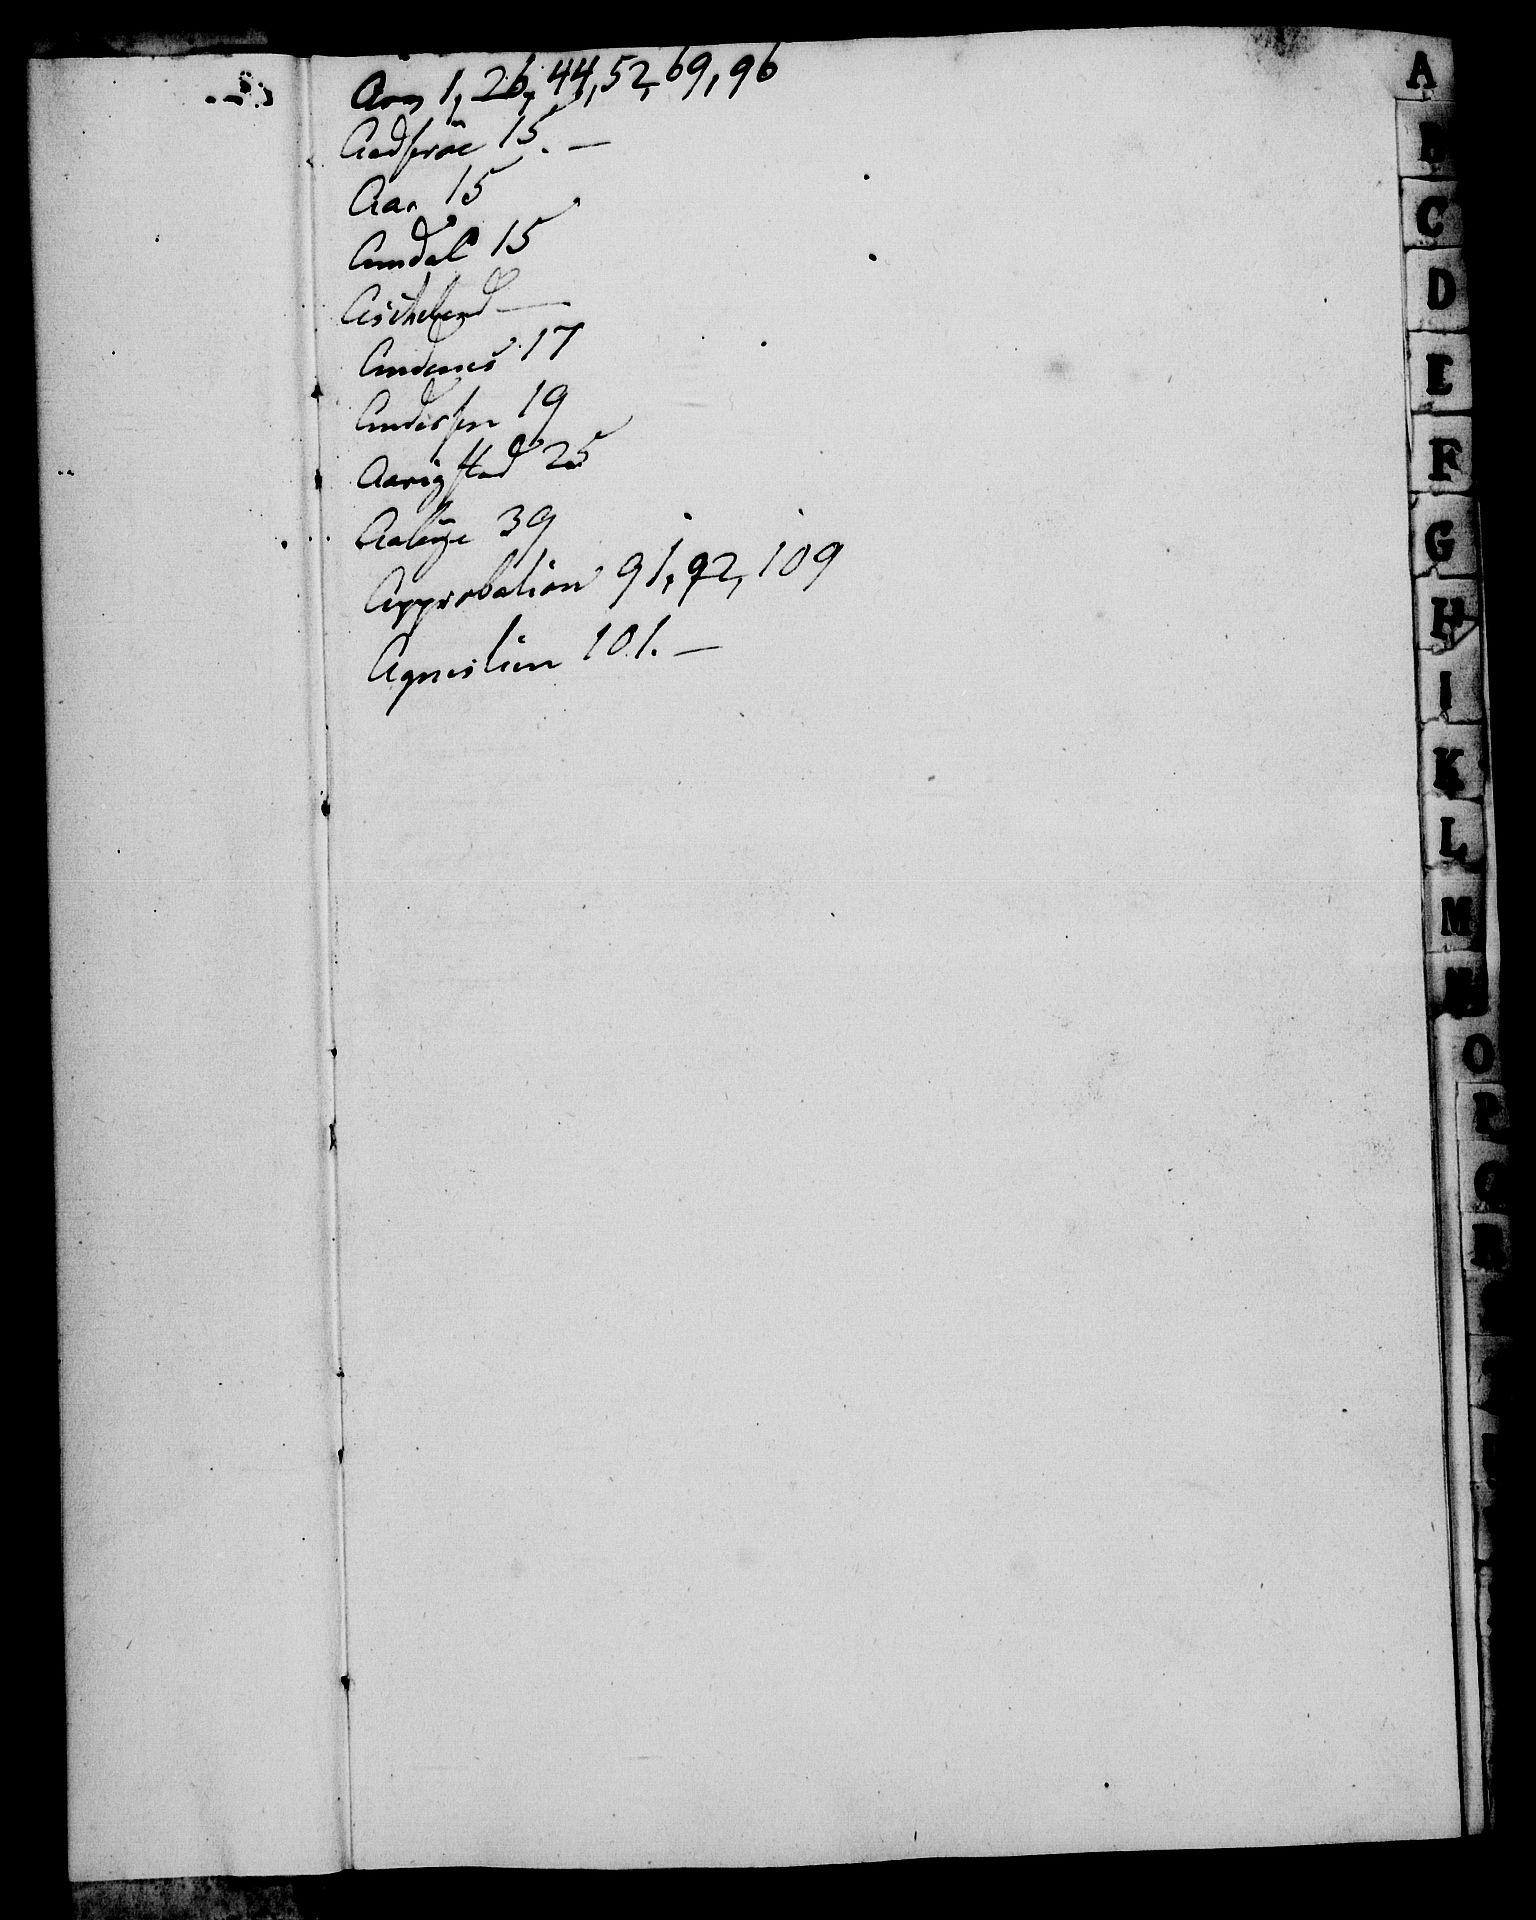 RA, Rentekammeret, Kammerkanselliet, G/Gf/Gfa/L0066: Norsk relasjons- og resolusjonsprotokoll (merket RK 52.66), 1784, s. 3